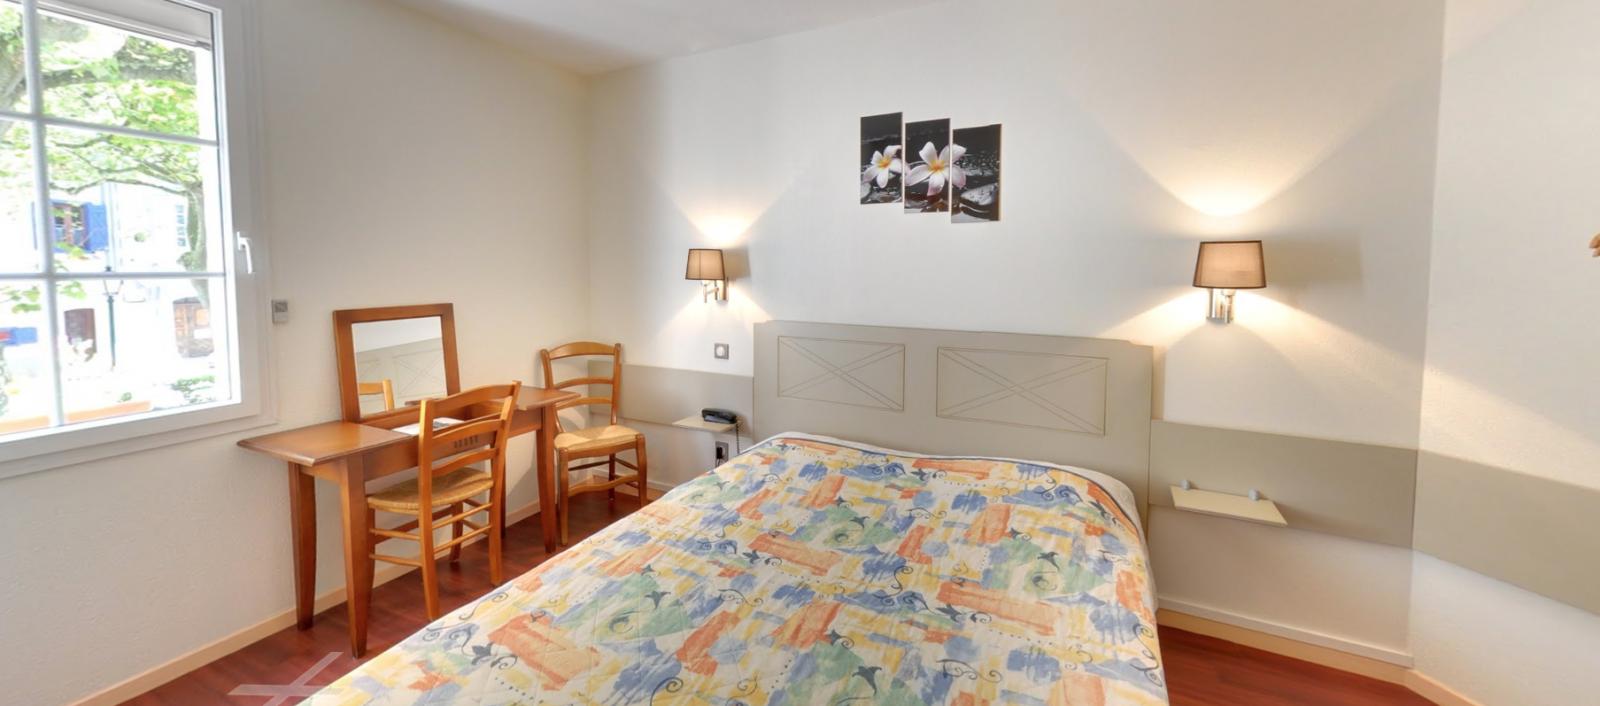 Hôtel Montagne Noire – Dourgne